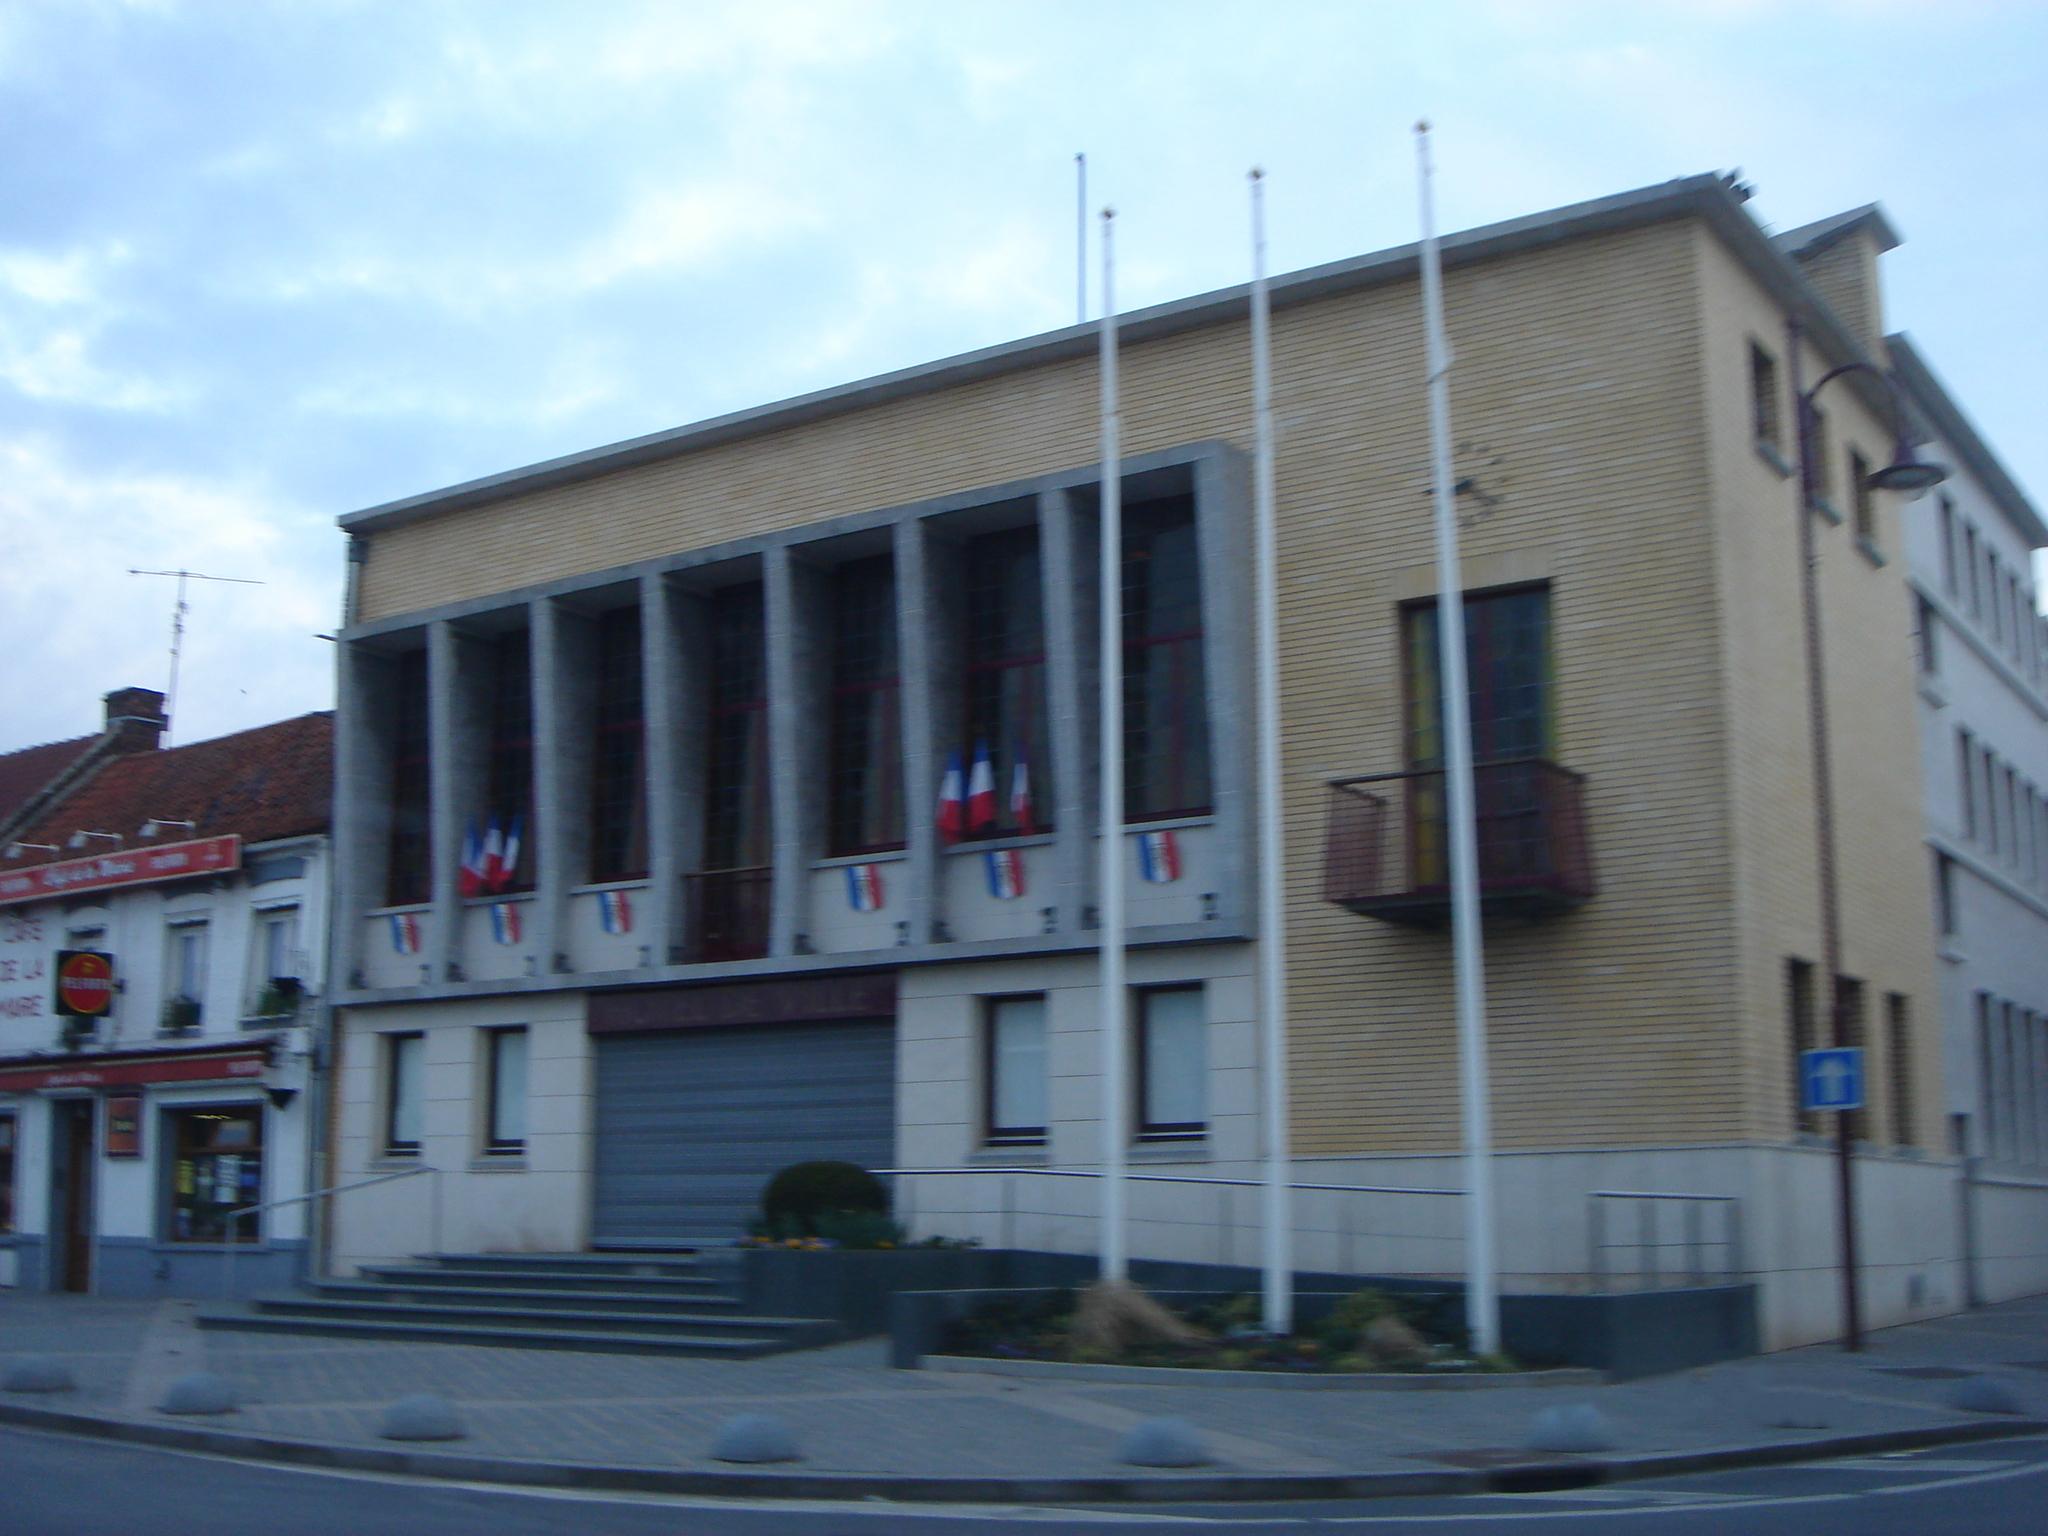 Pecquencourt